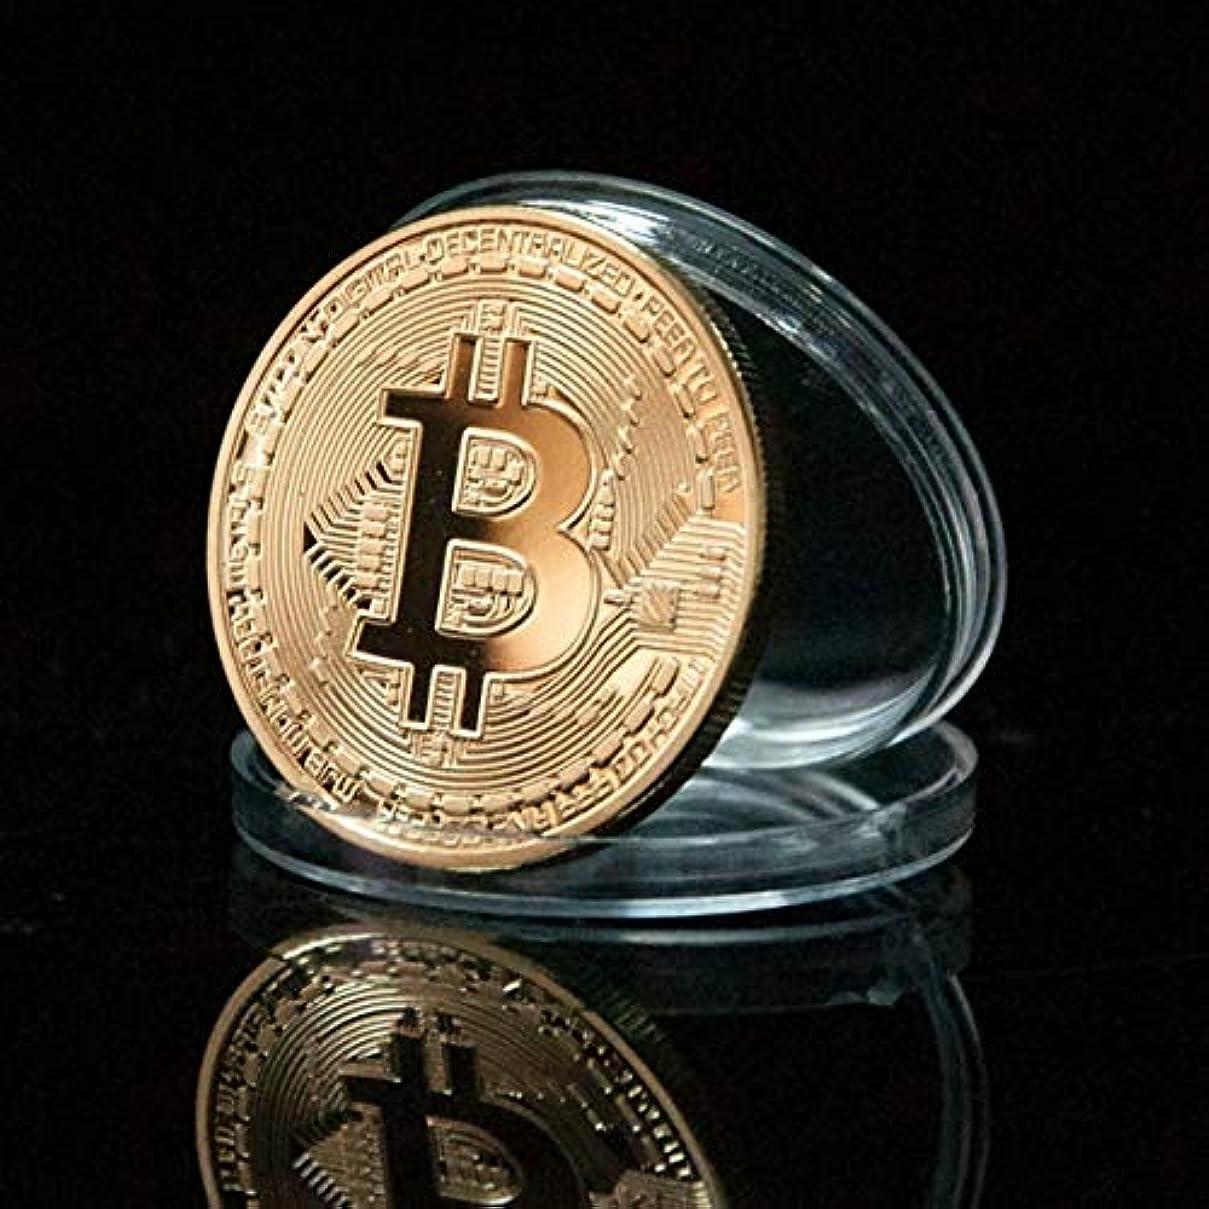 刺す最悪お客様Jicorzo - ゴールドメッキ物理Bitcoins - お土産新年のギフトのためのケースでは、各CasasciusビットコインBTCの1